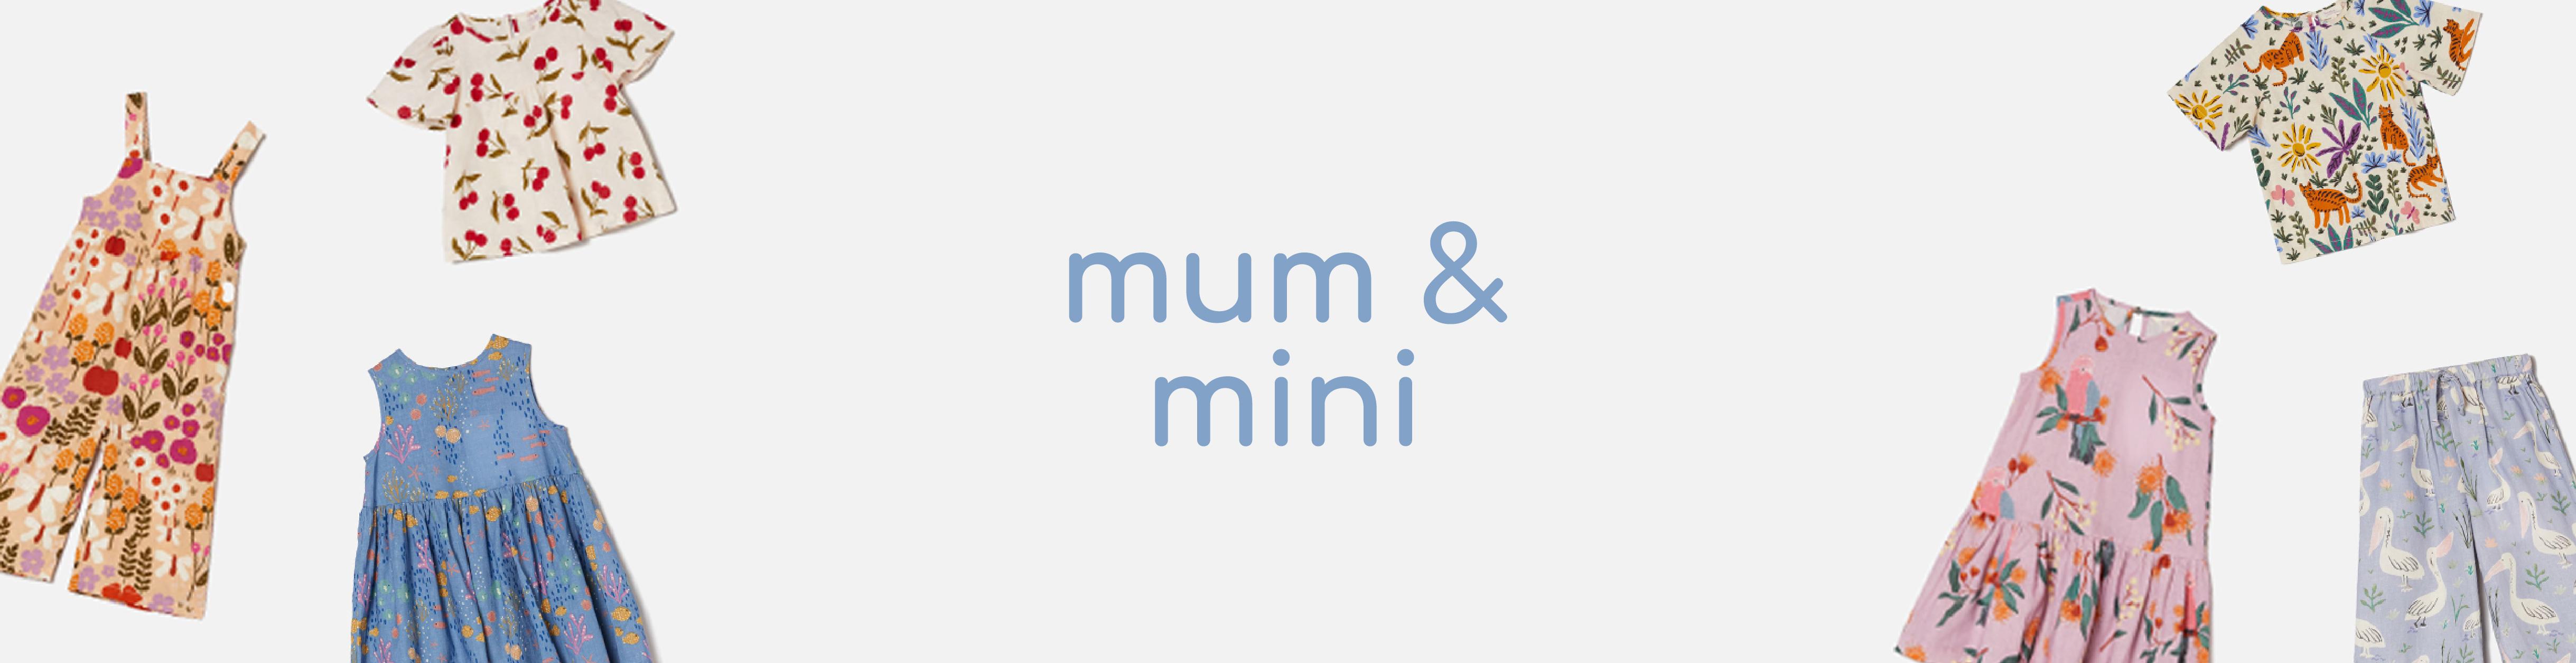 mum & mini